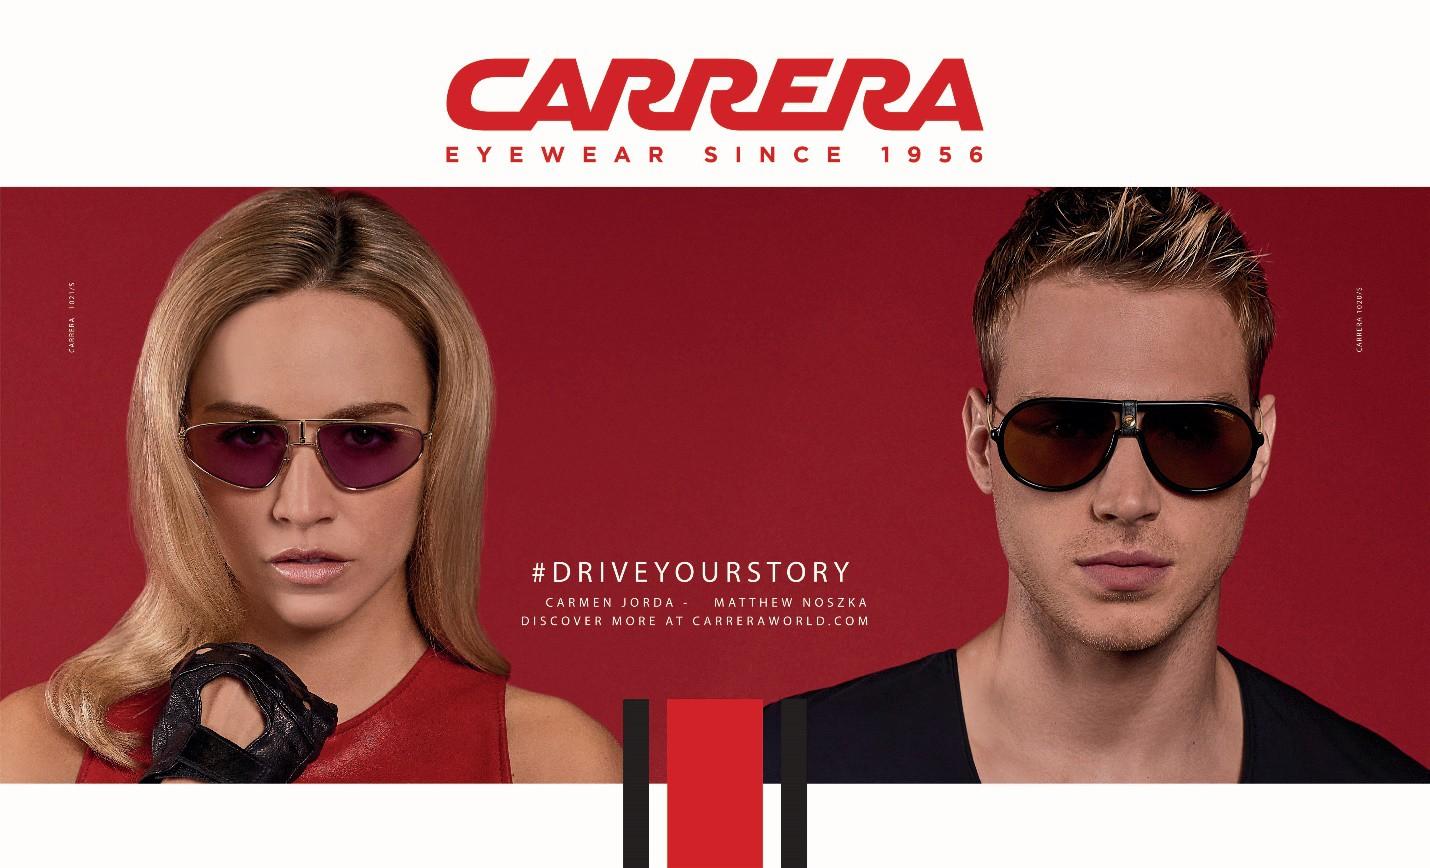 Tự tin khoe cá tính với các thiết kế kính mắt mới nhất từ Carrera và Polaroid - Ảnh 1.